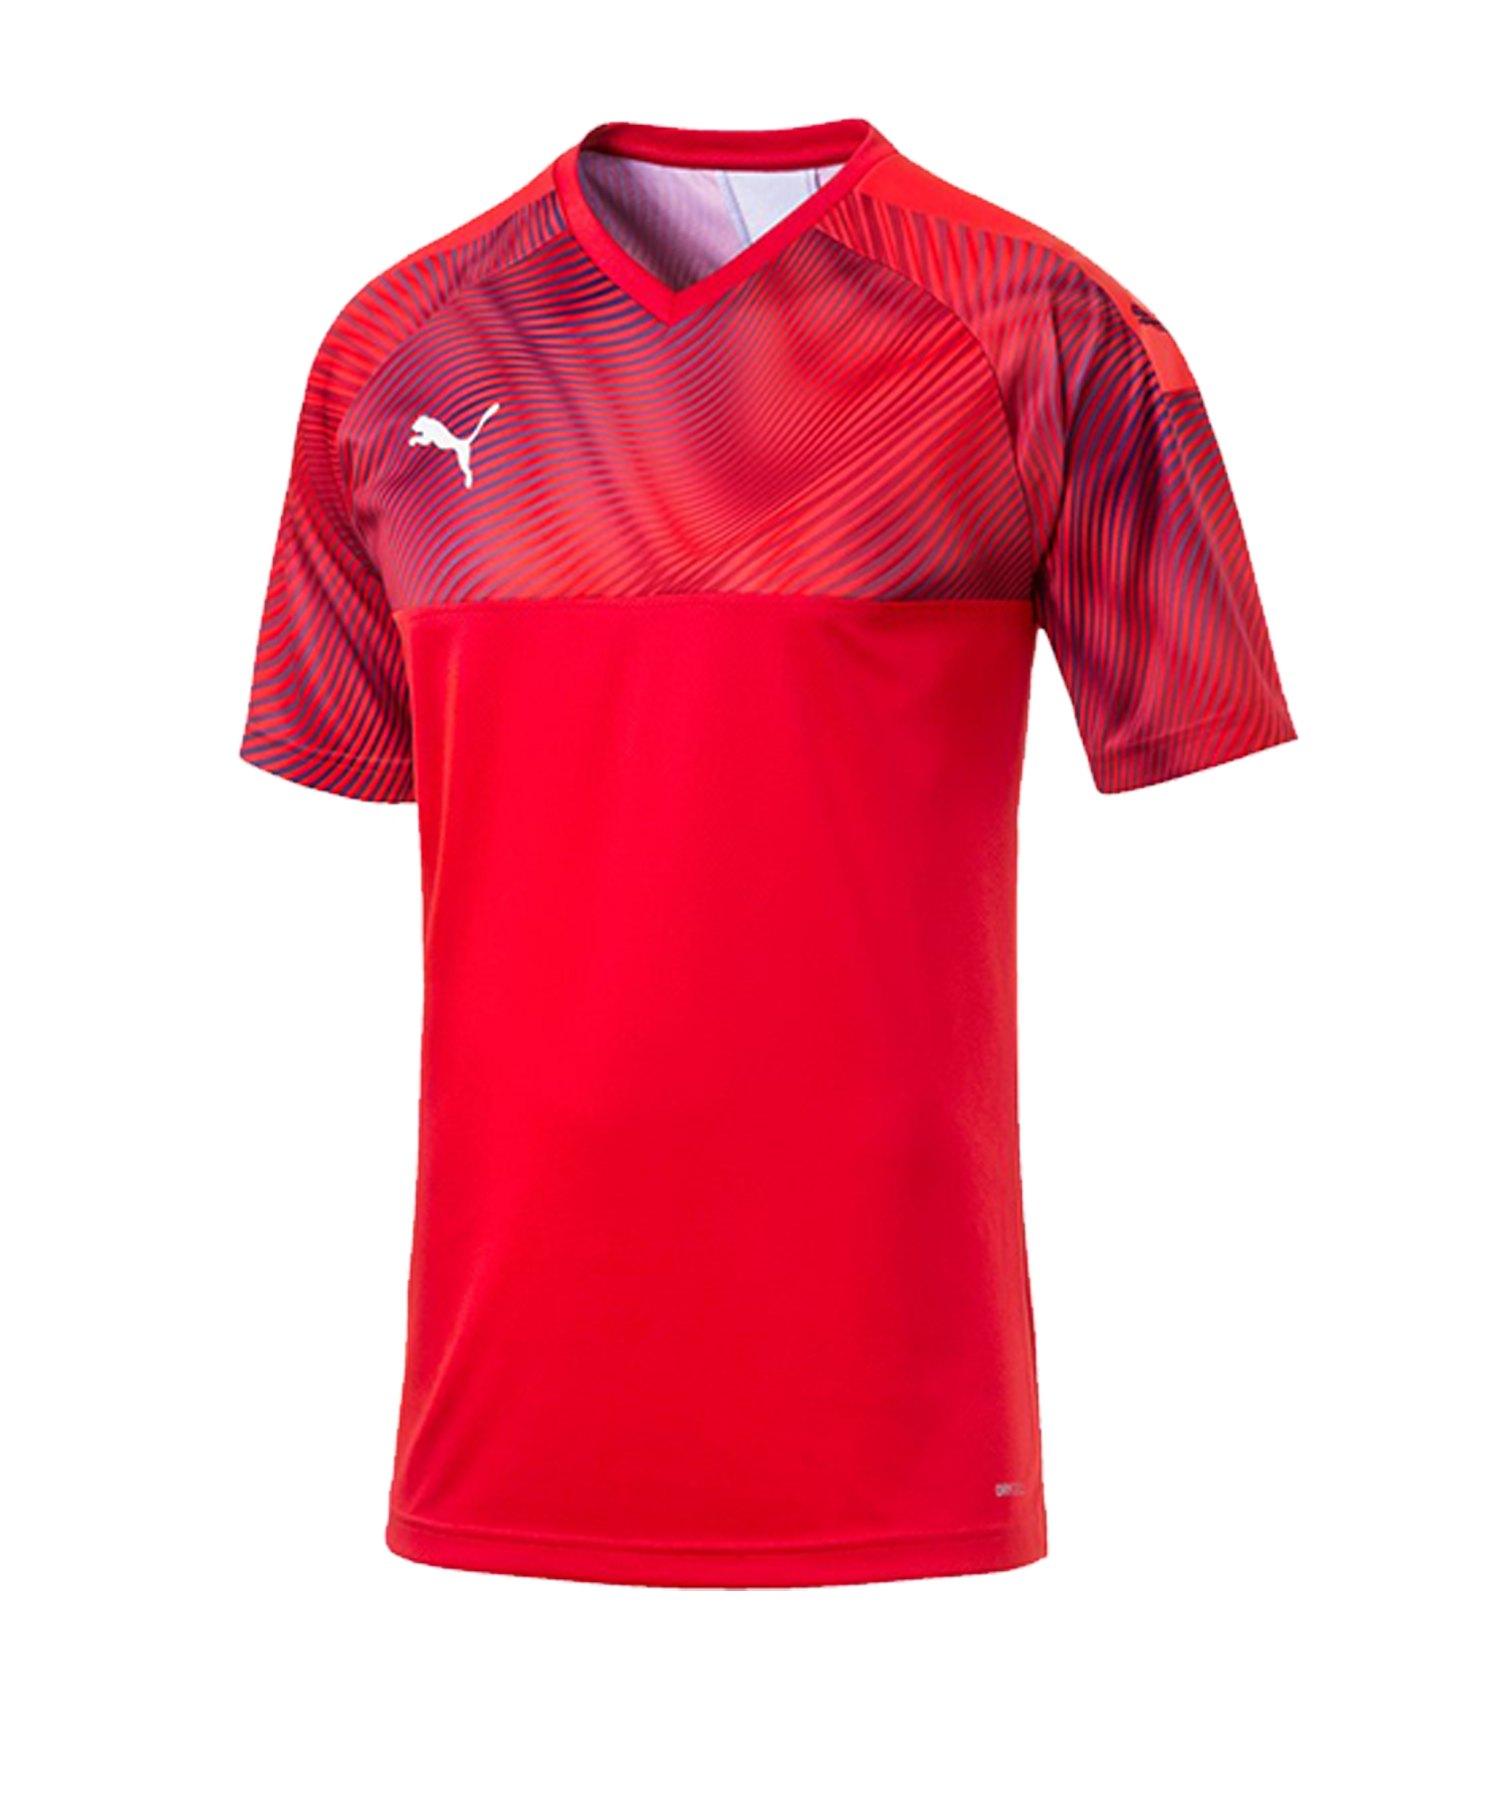 PUMA CUP Jersey Trikot kurzarm Rot F01 - rot